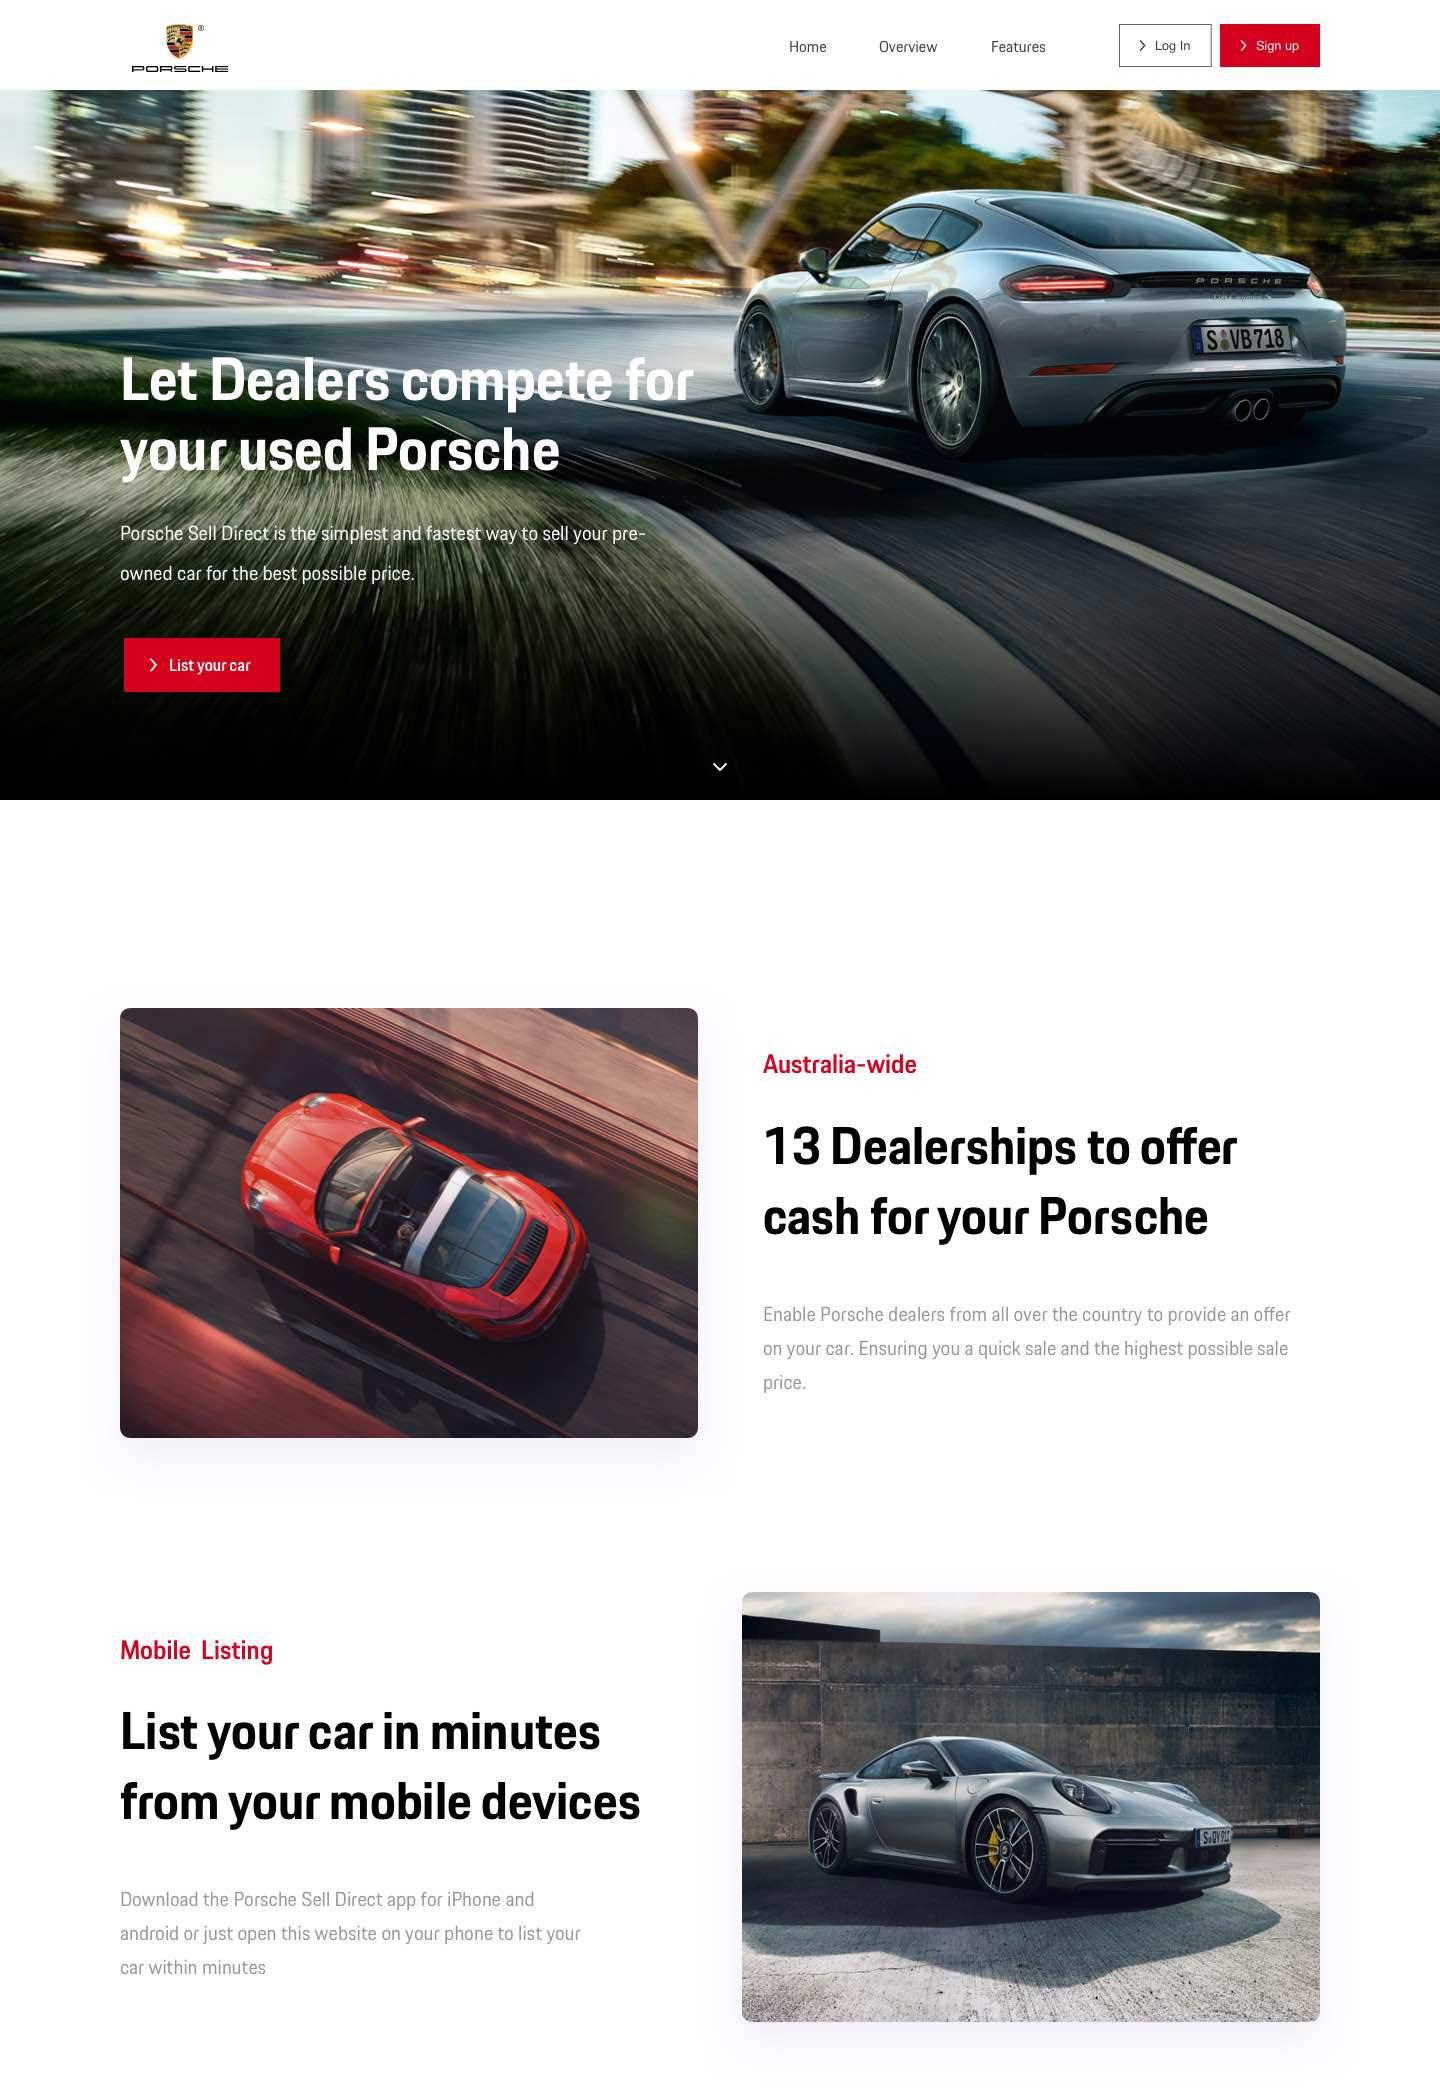 Porsche-web-app-small